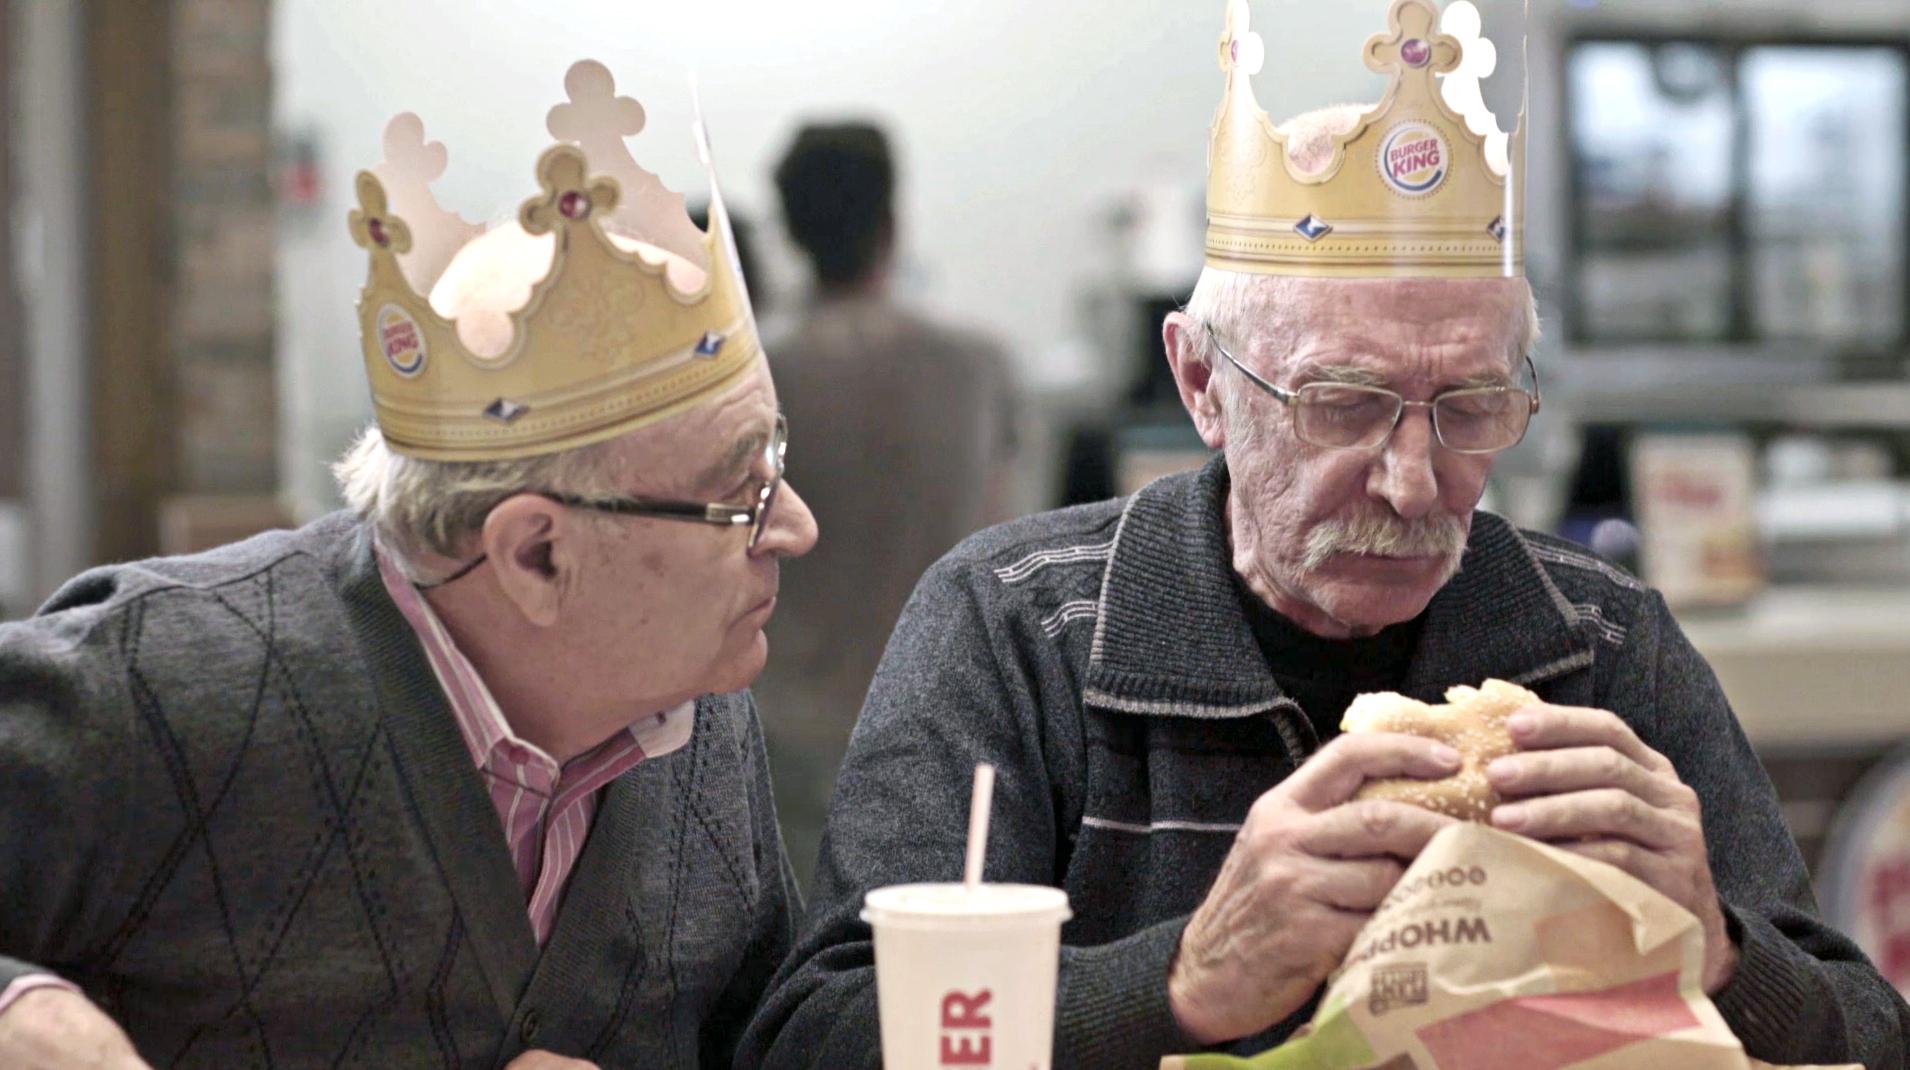 papis-burger-king